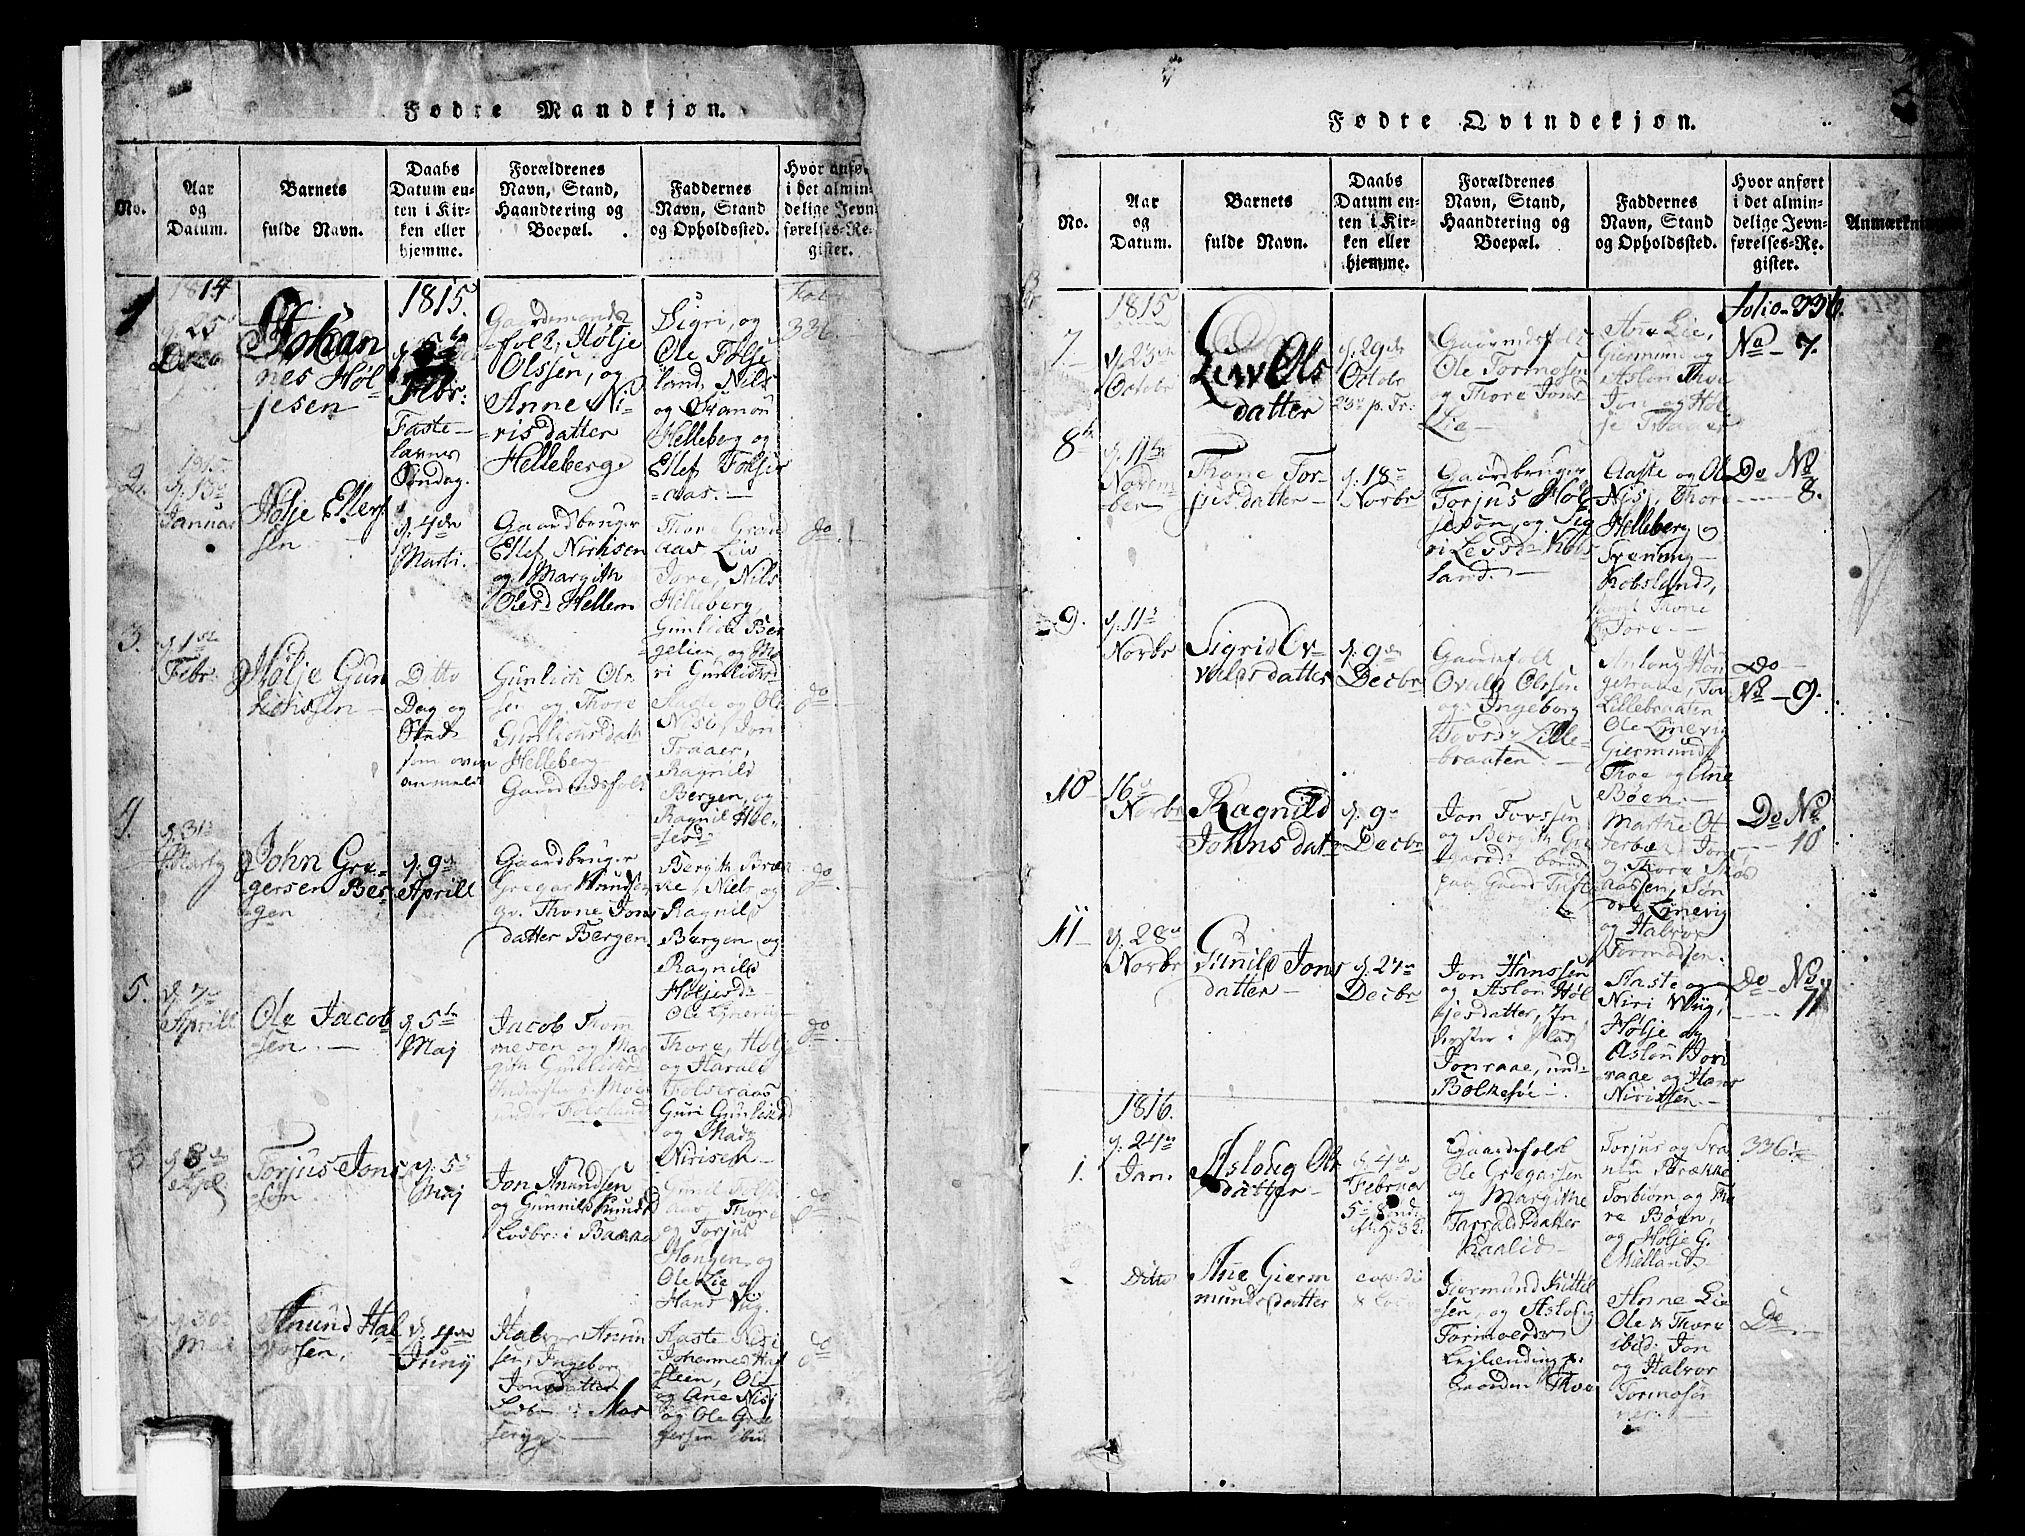 SAKO, Gransherad kirkebøker, F/Fa/L0001: Ministerialbok nr. I 1, 1815-1843, s. 2